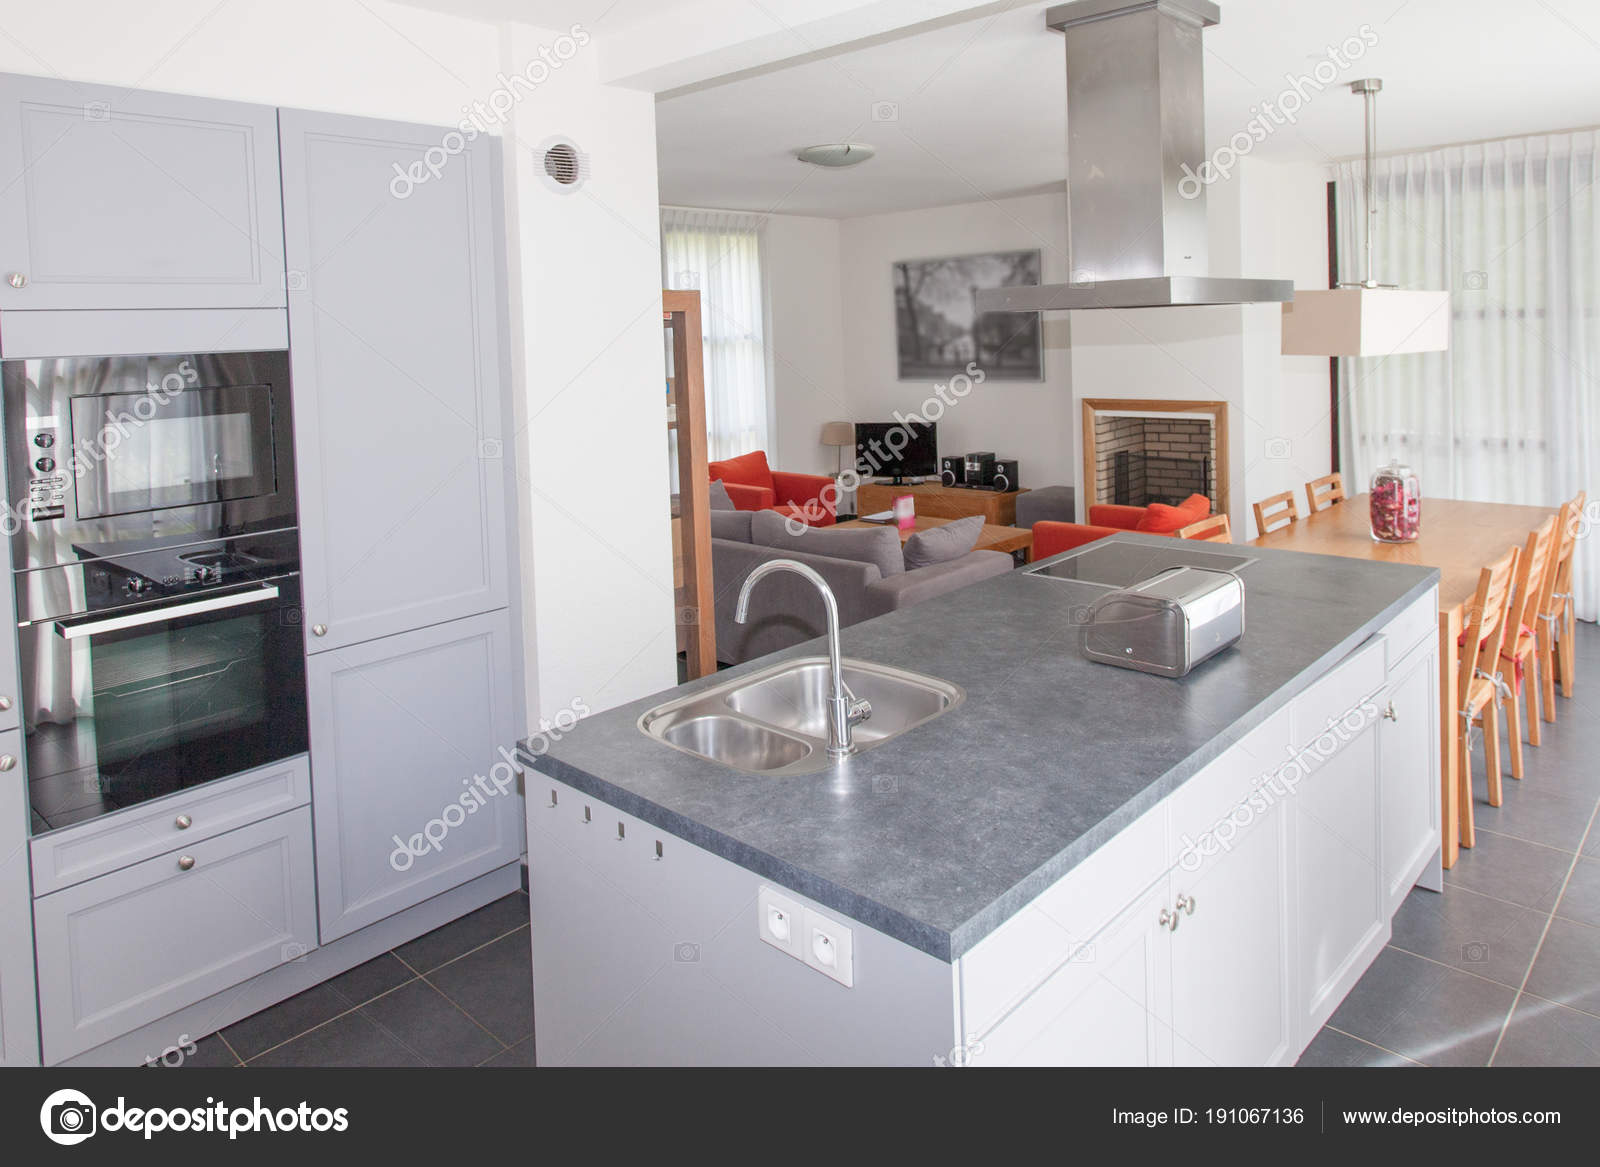 Cucina Moderna In Acciaio Inox.Cucina Moderna Lussuosa Con Elettrodomestici In Acciaio Inox